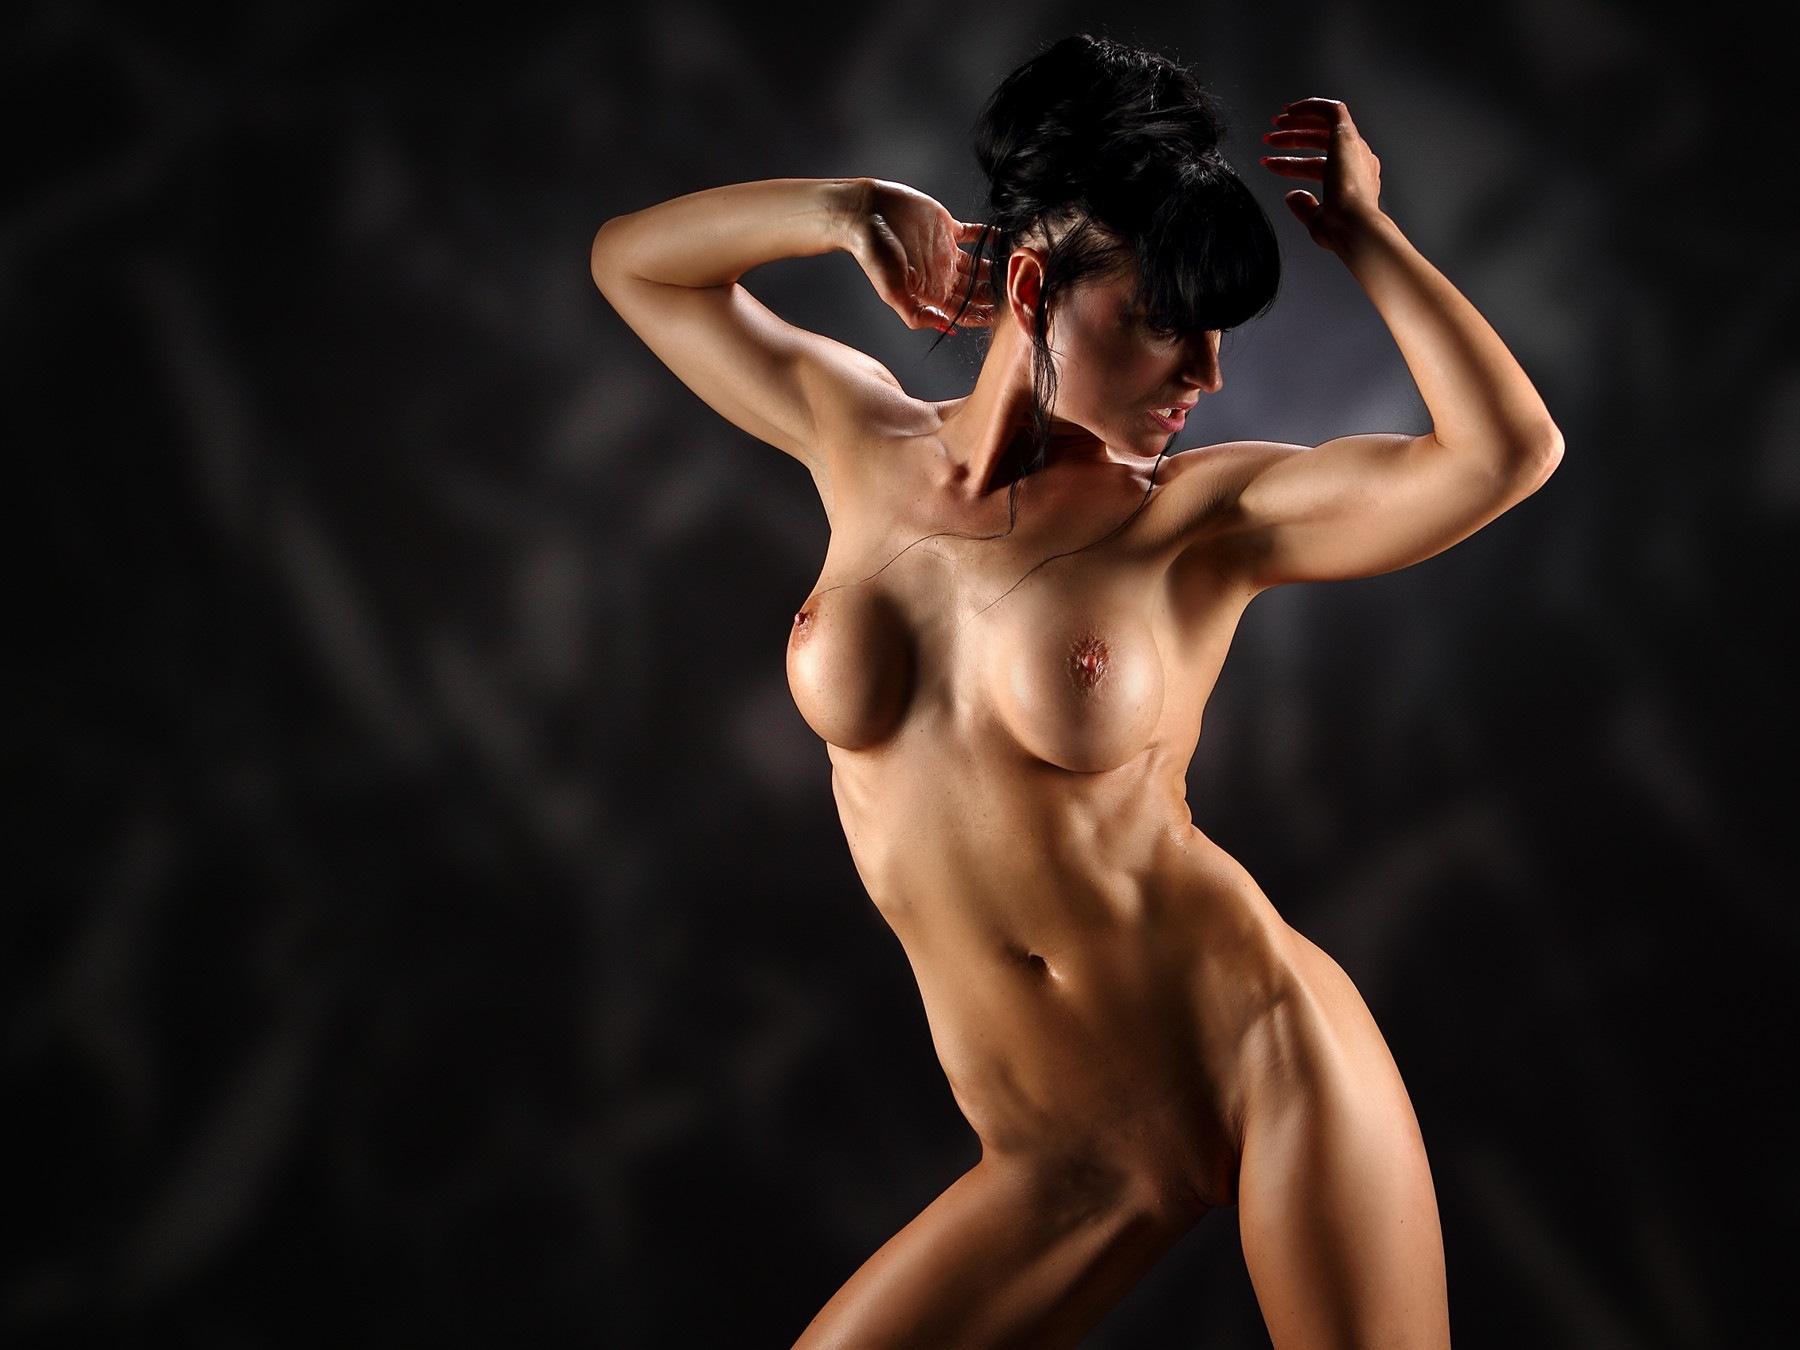 Busty girl posing nude by GuWu